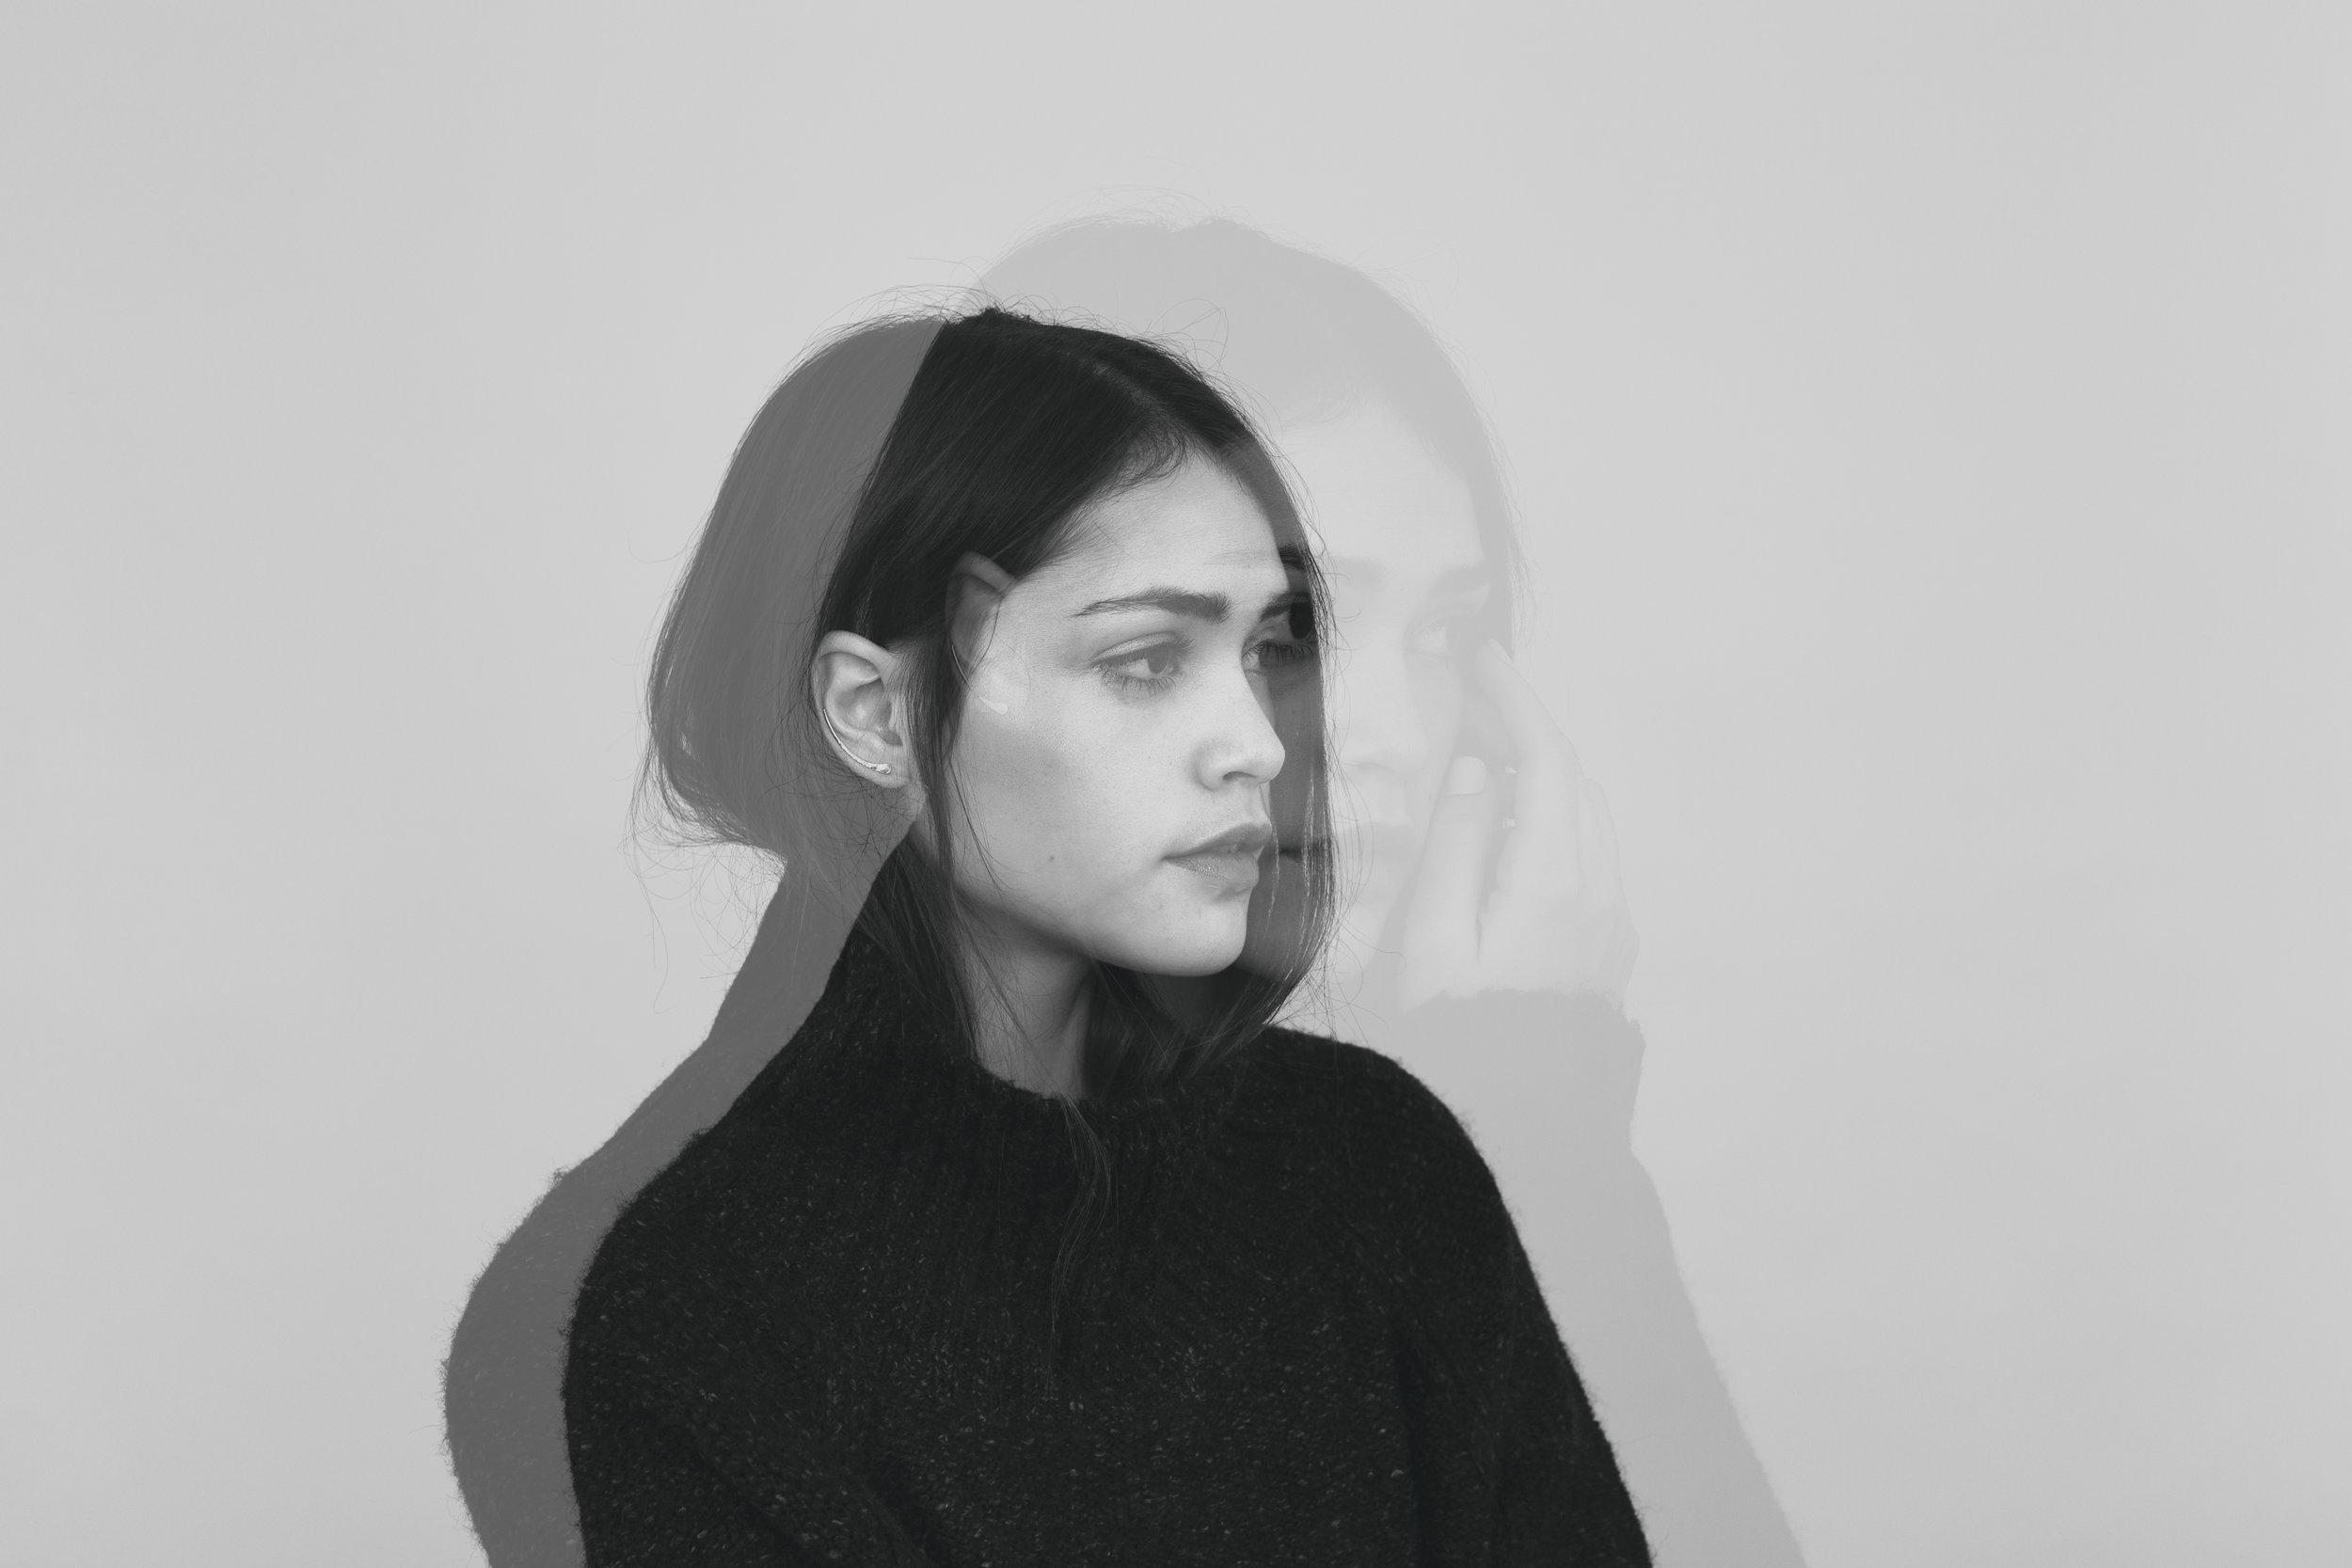 2016_12_28 - Megan Studio8410-Edit.jpg